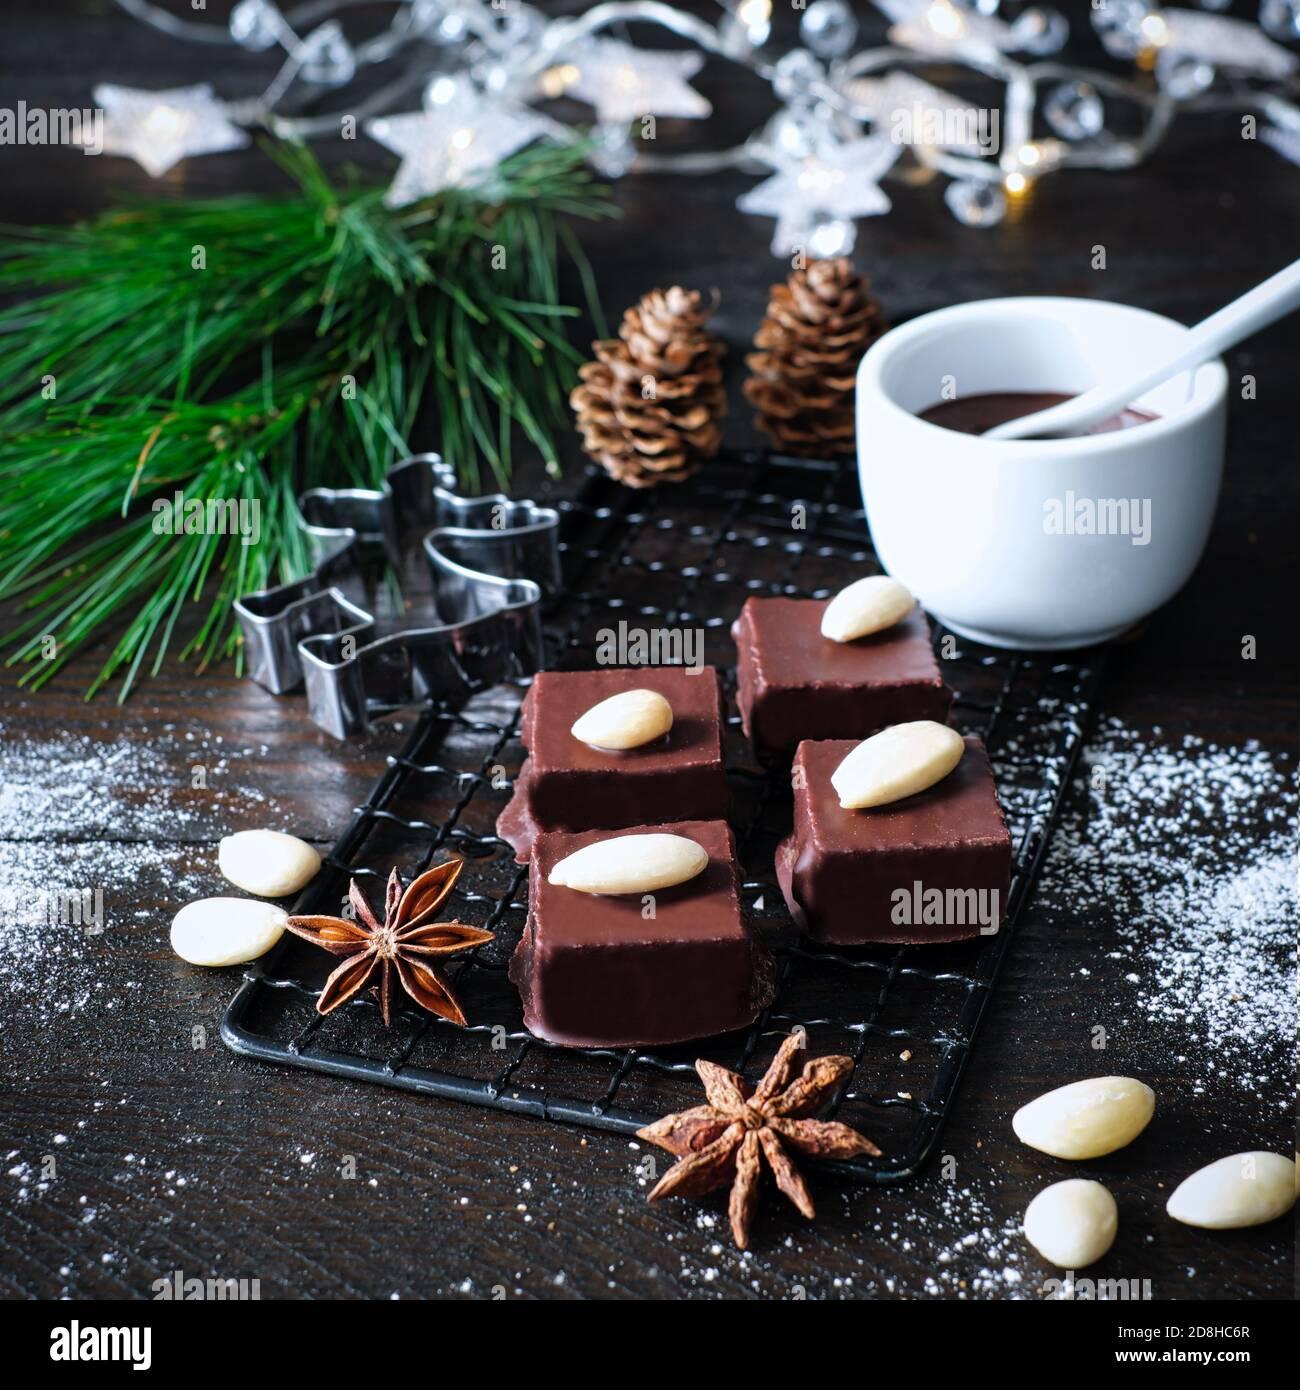 Marzipancubes con helado de chocolate en una rejilla de enfriamiento negro, decorado con ramas de pino, bastones de canela y estrellas de anís, conos de abeto, junto a ella un arco Foto de stock